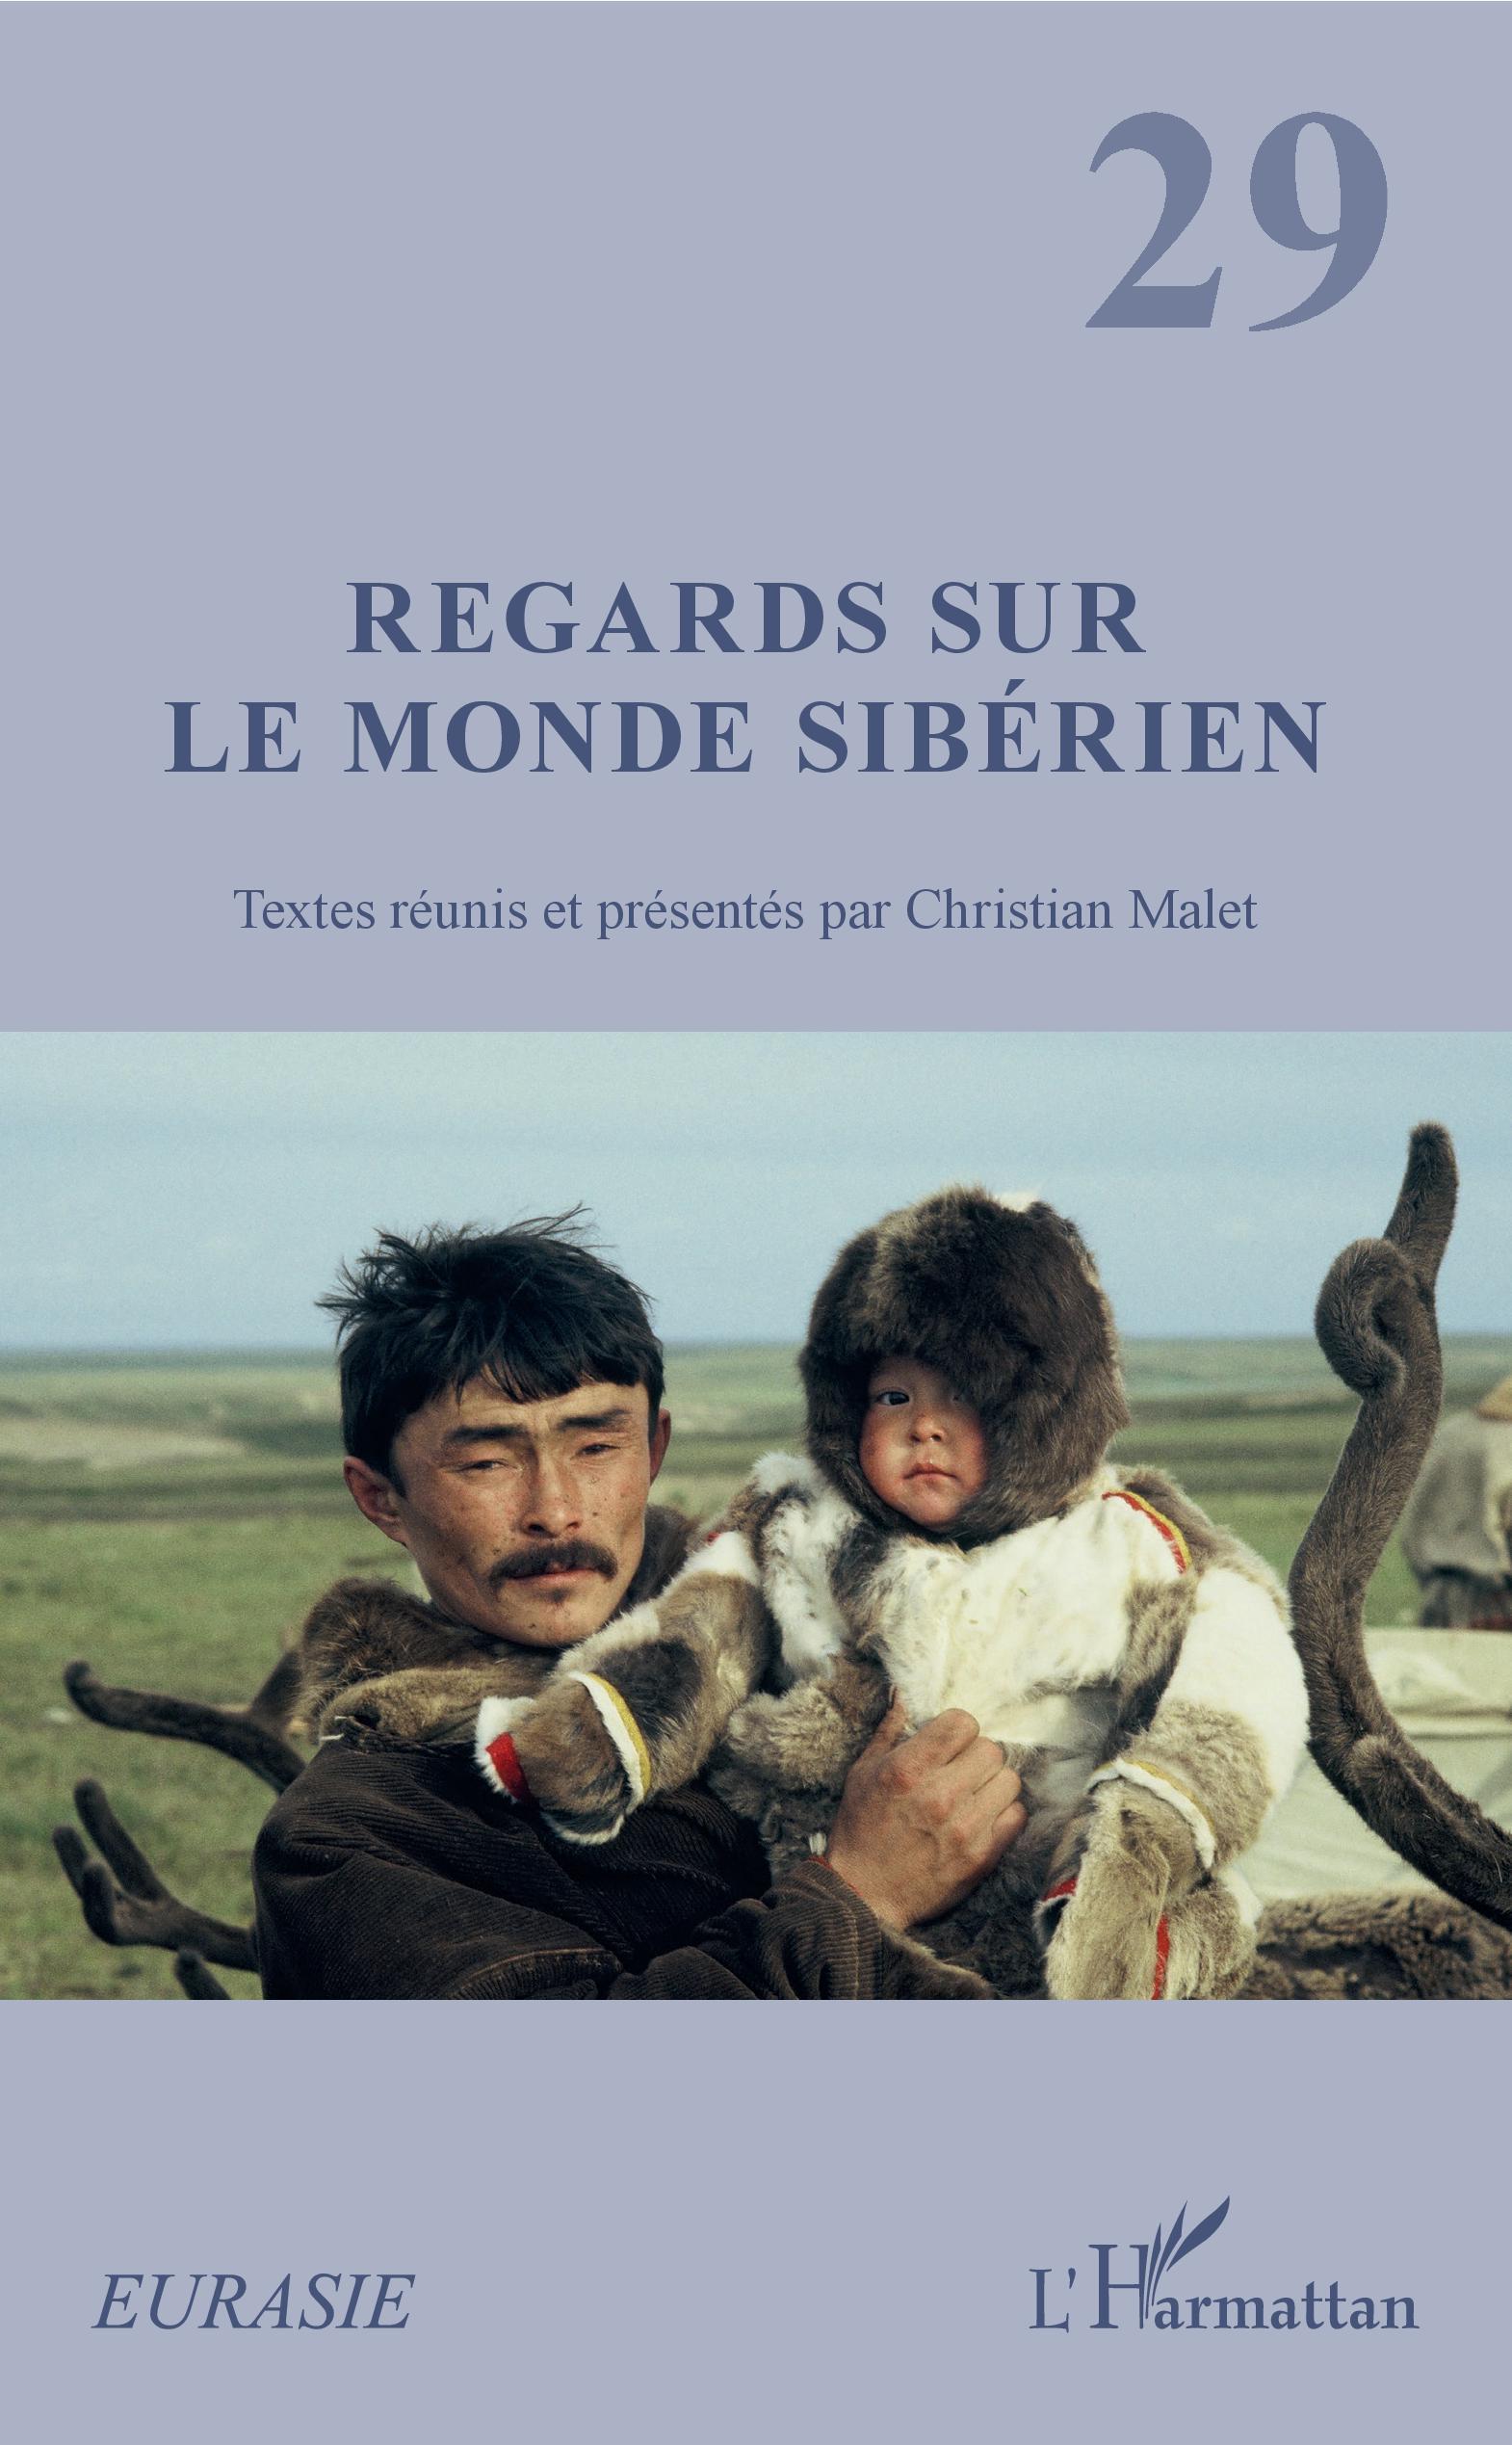 REGARDS SUR LE MONDE SIBERIEN - TEXTES REUNIS ET PRESENTES PAR CHRISTIAN MALET